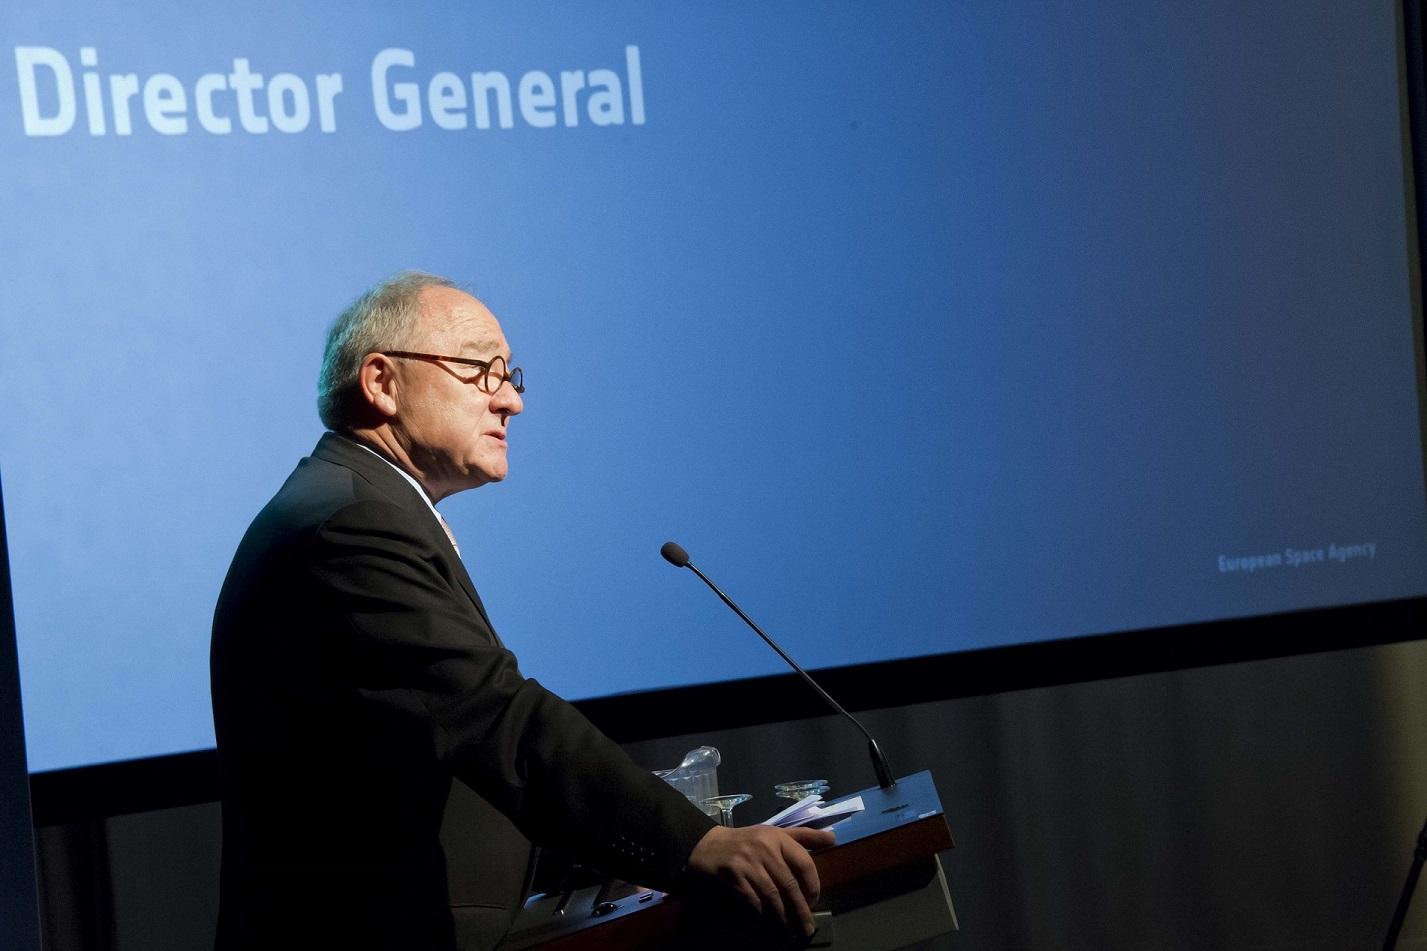 El coste de un Director General - Fundación DENAES